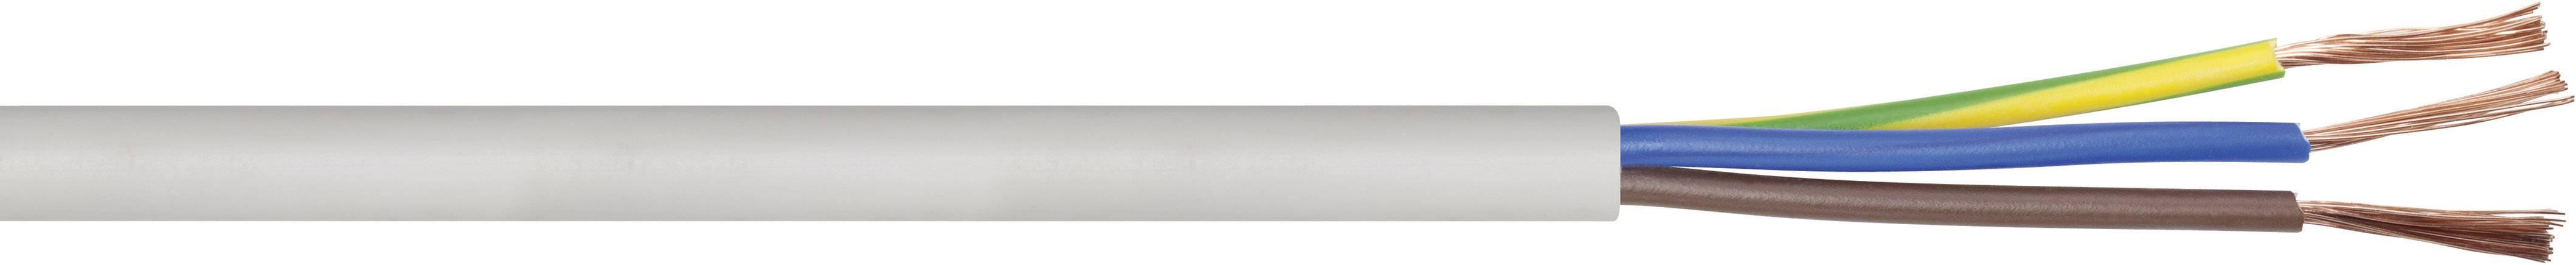 Vícežílový kabel LappKabel H05VV-F, 49900076, 3 G 1 mm², bílá, metrové zboží